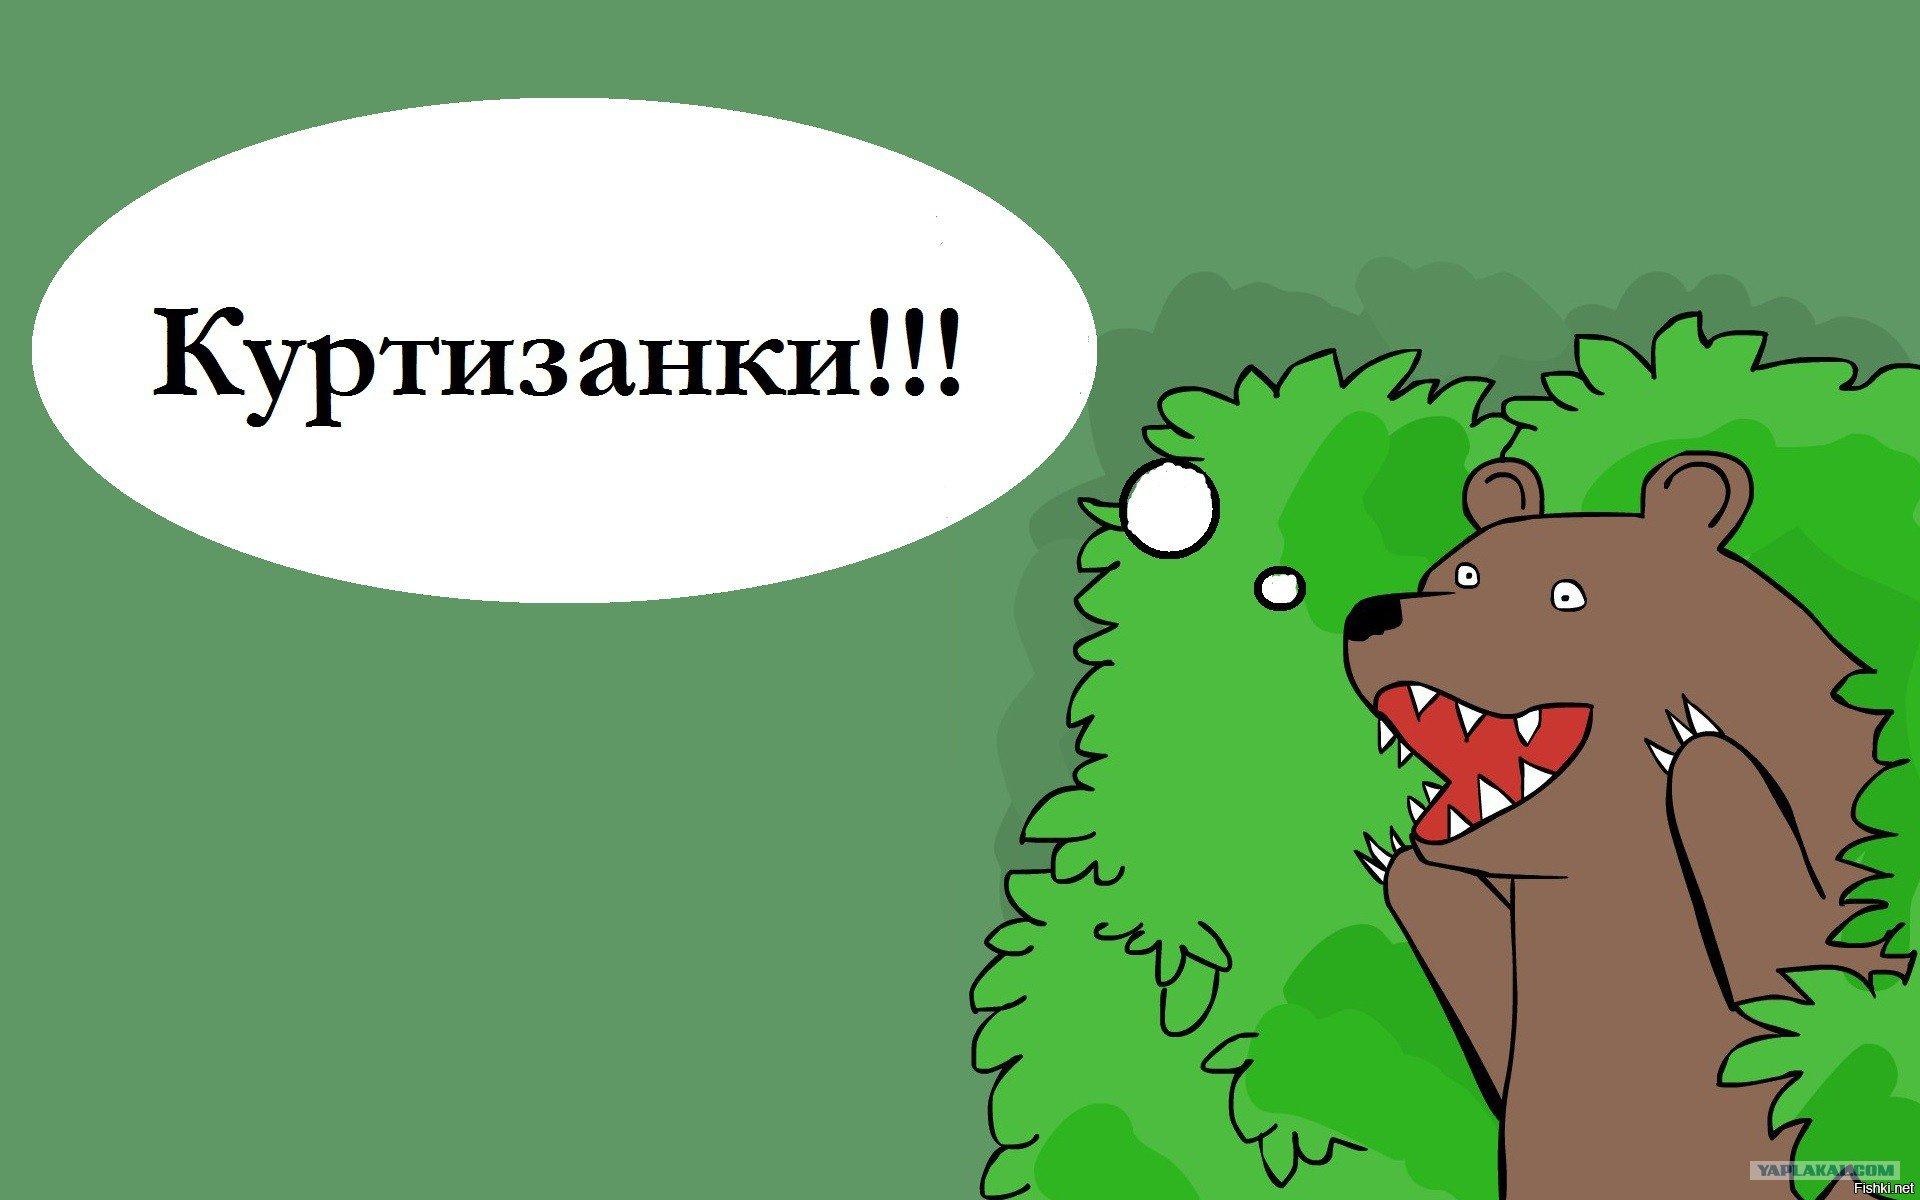 медведь из кустов кричит картинка оладьи